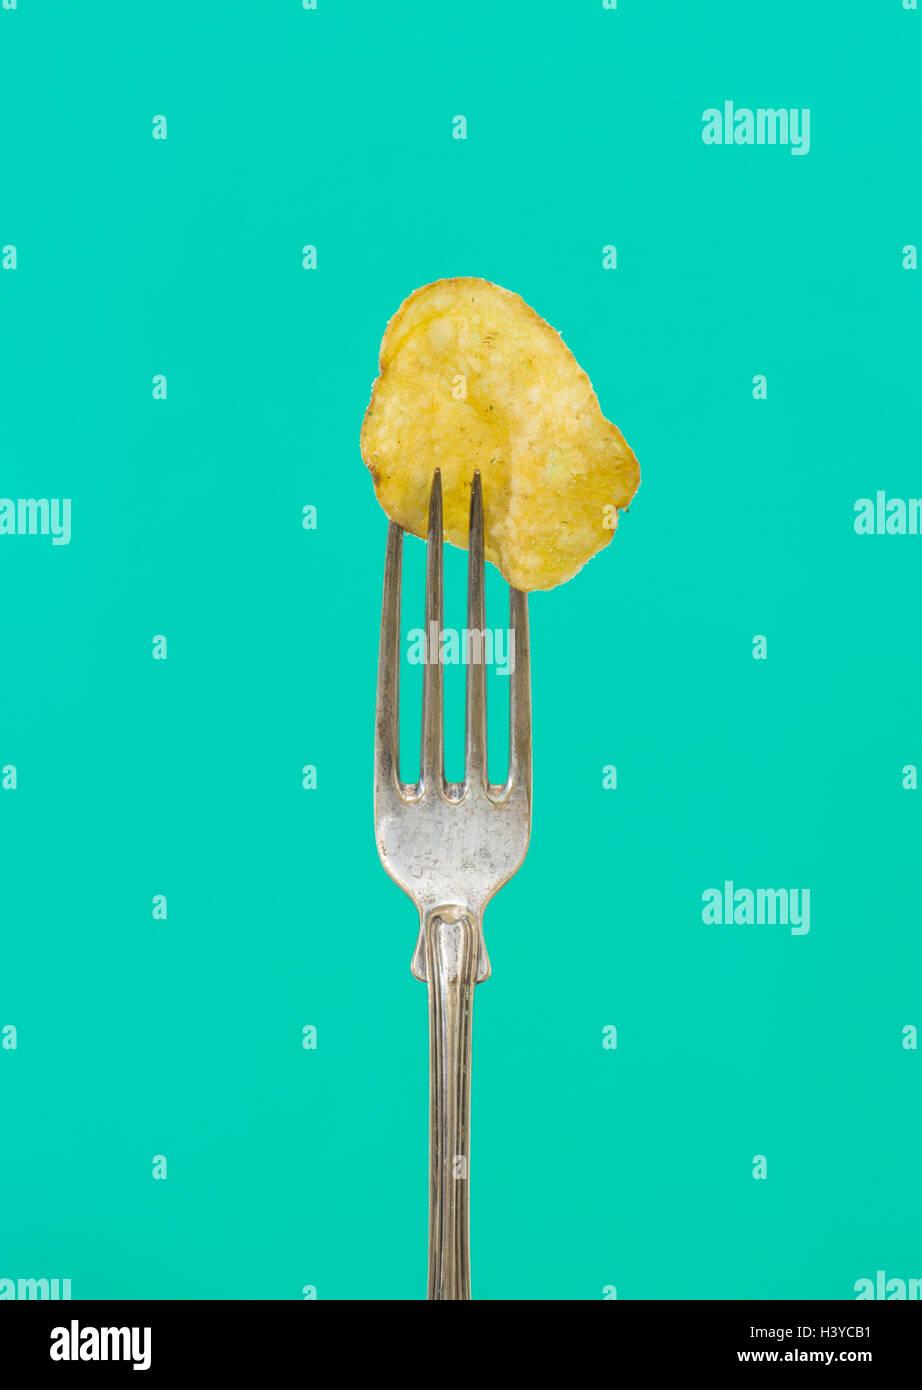 L'une croustille sur fourche. Close up de salé et gras collation. Concept de la mauvaise alimentation. Banque D'Images